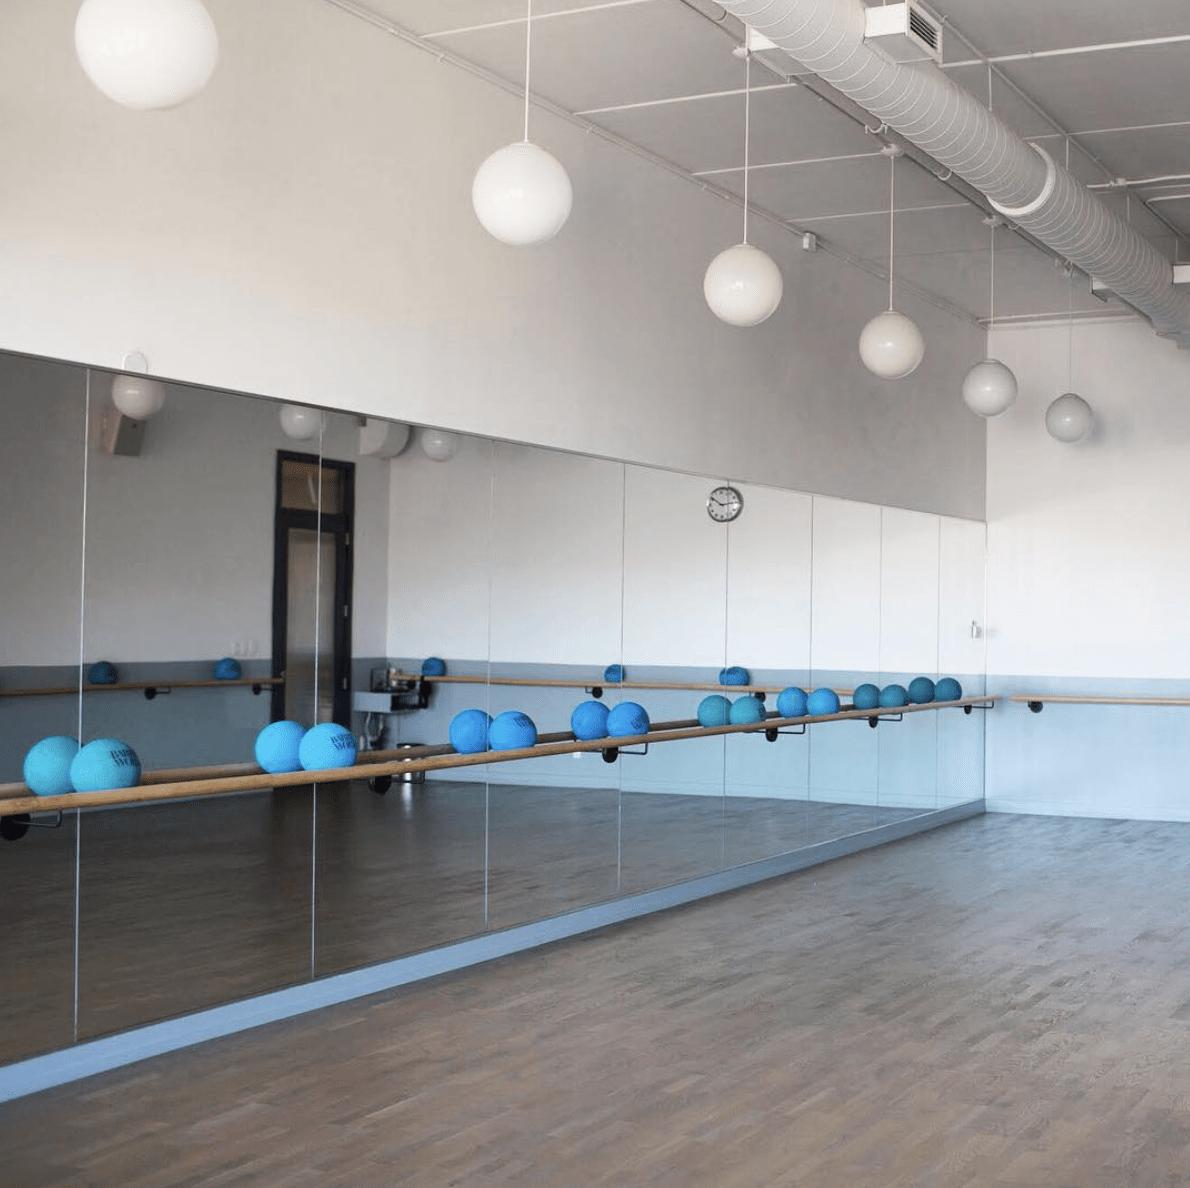 barreworks toronto barre class edit seven 2018